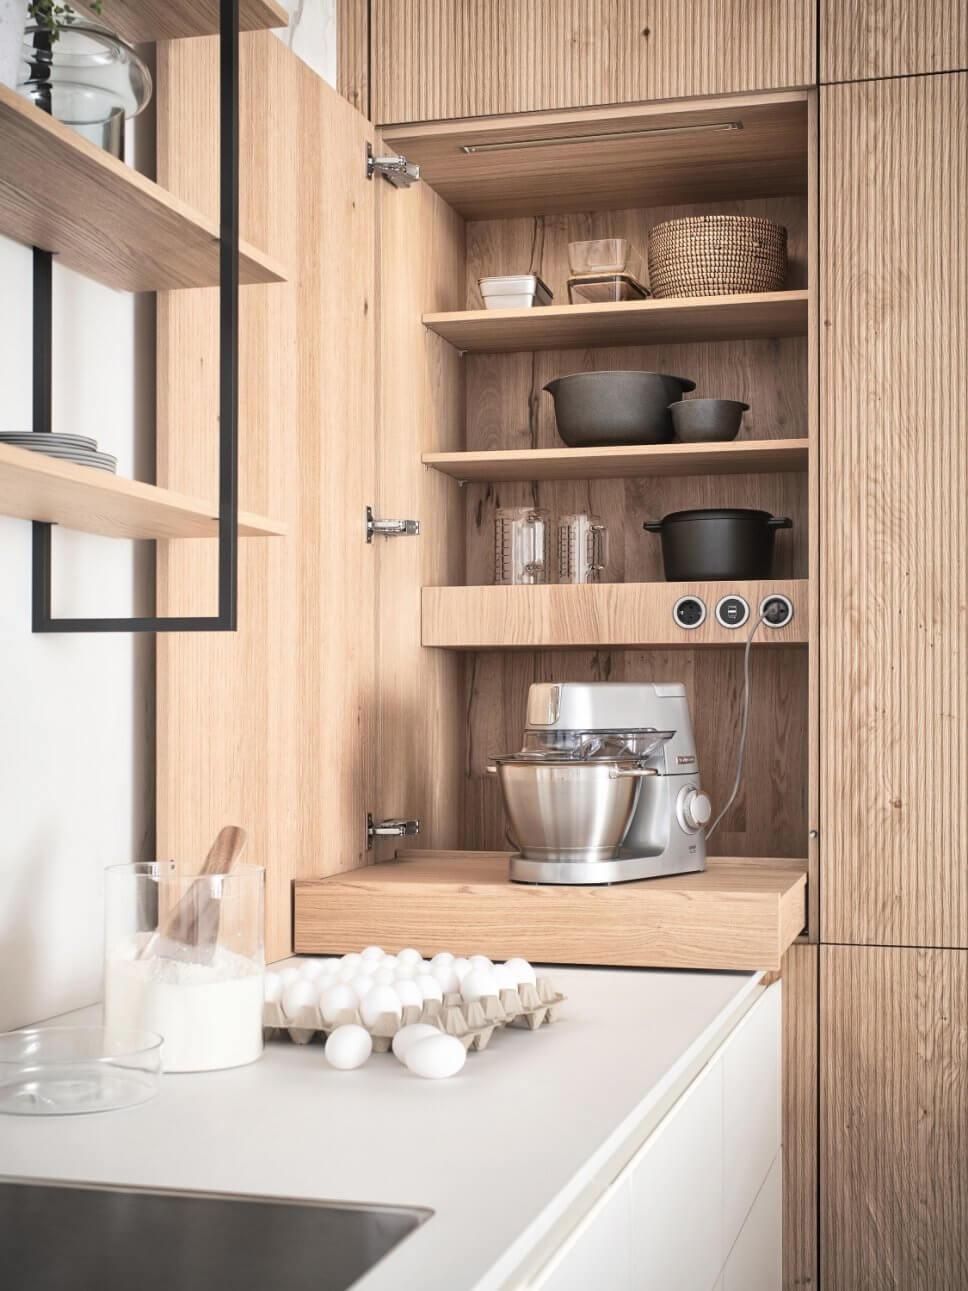 Moderne offene Küche mit Küchenmaschine hinter geöffneter Schranktür